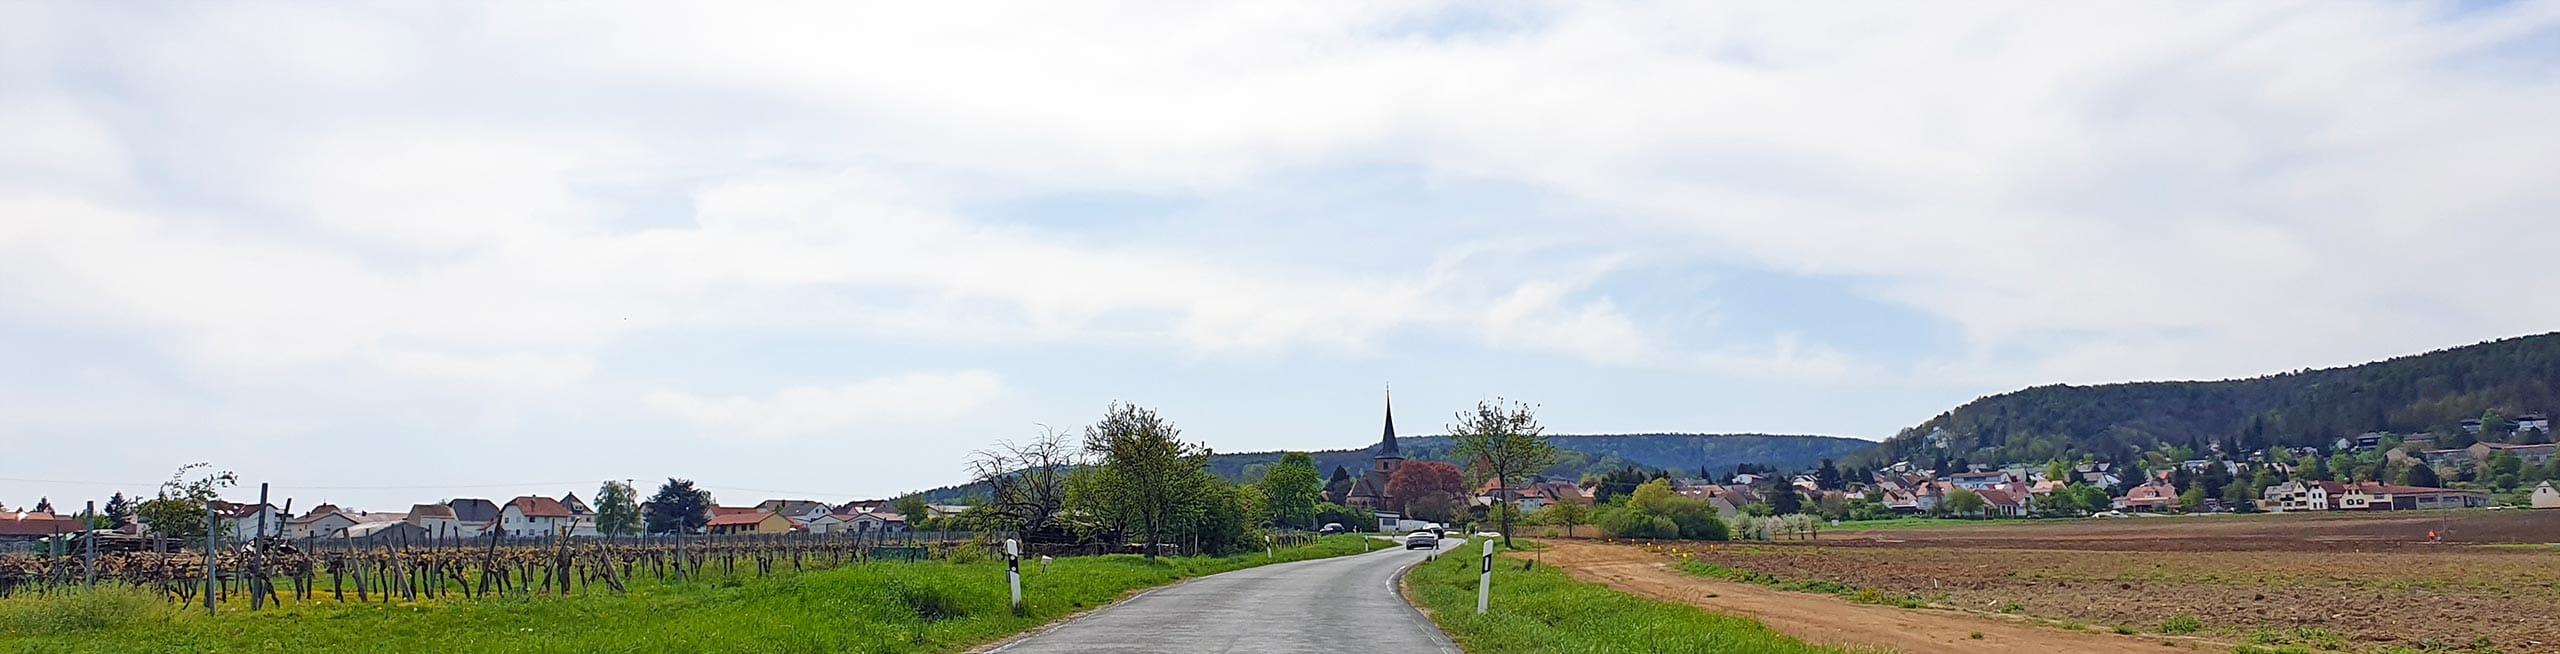 Weisenheim am Berg in der Pfalz | www.pfalz-info.com